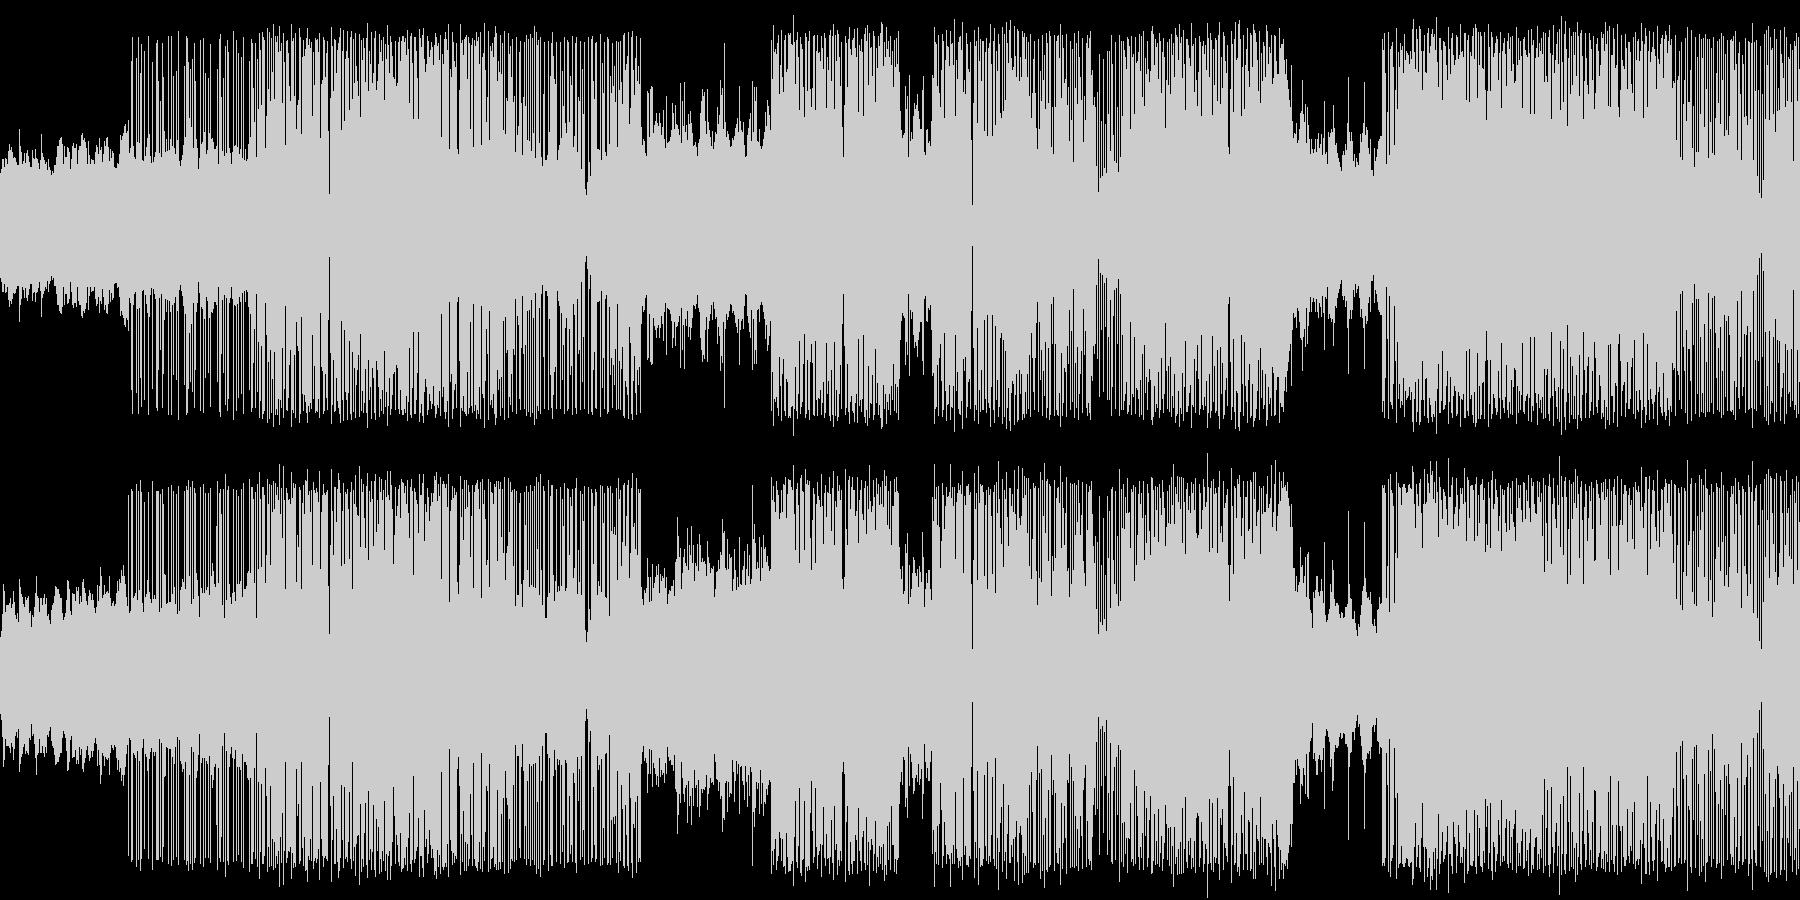 グリッチ系の緊張感のあるエレクトロの未再生の波形